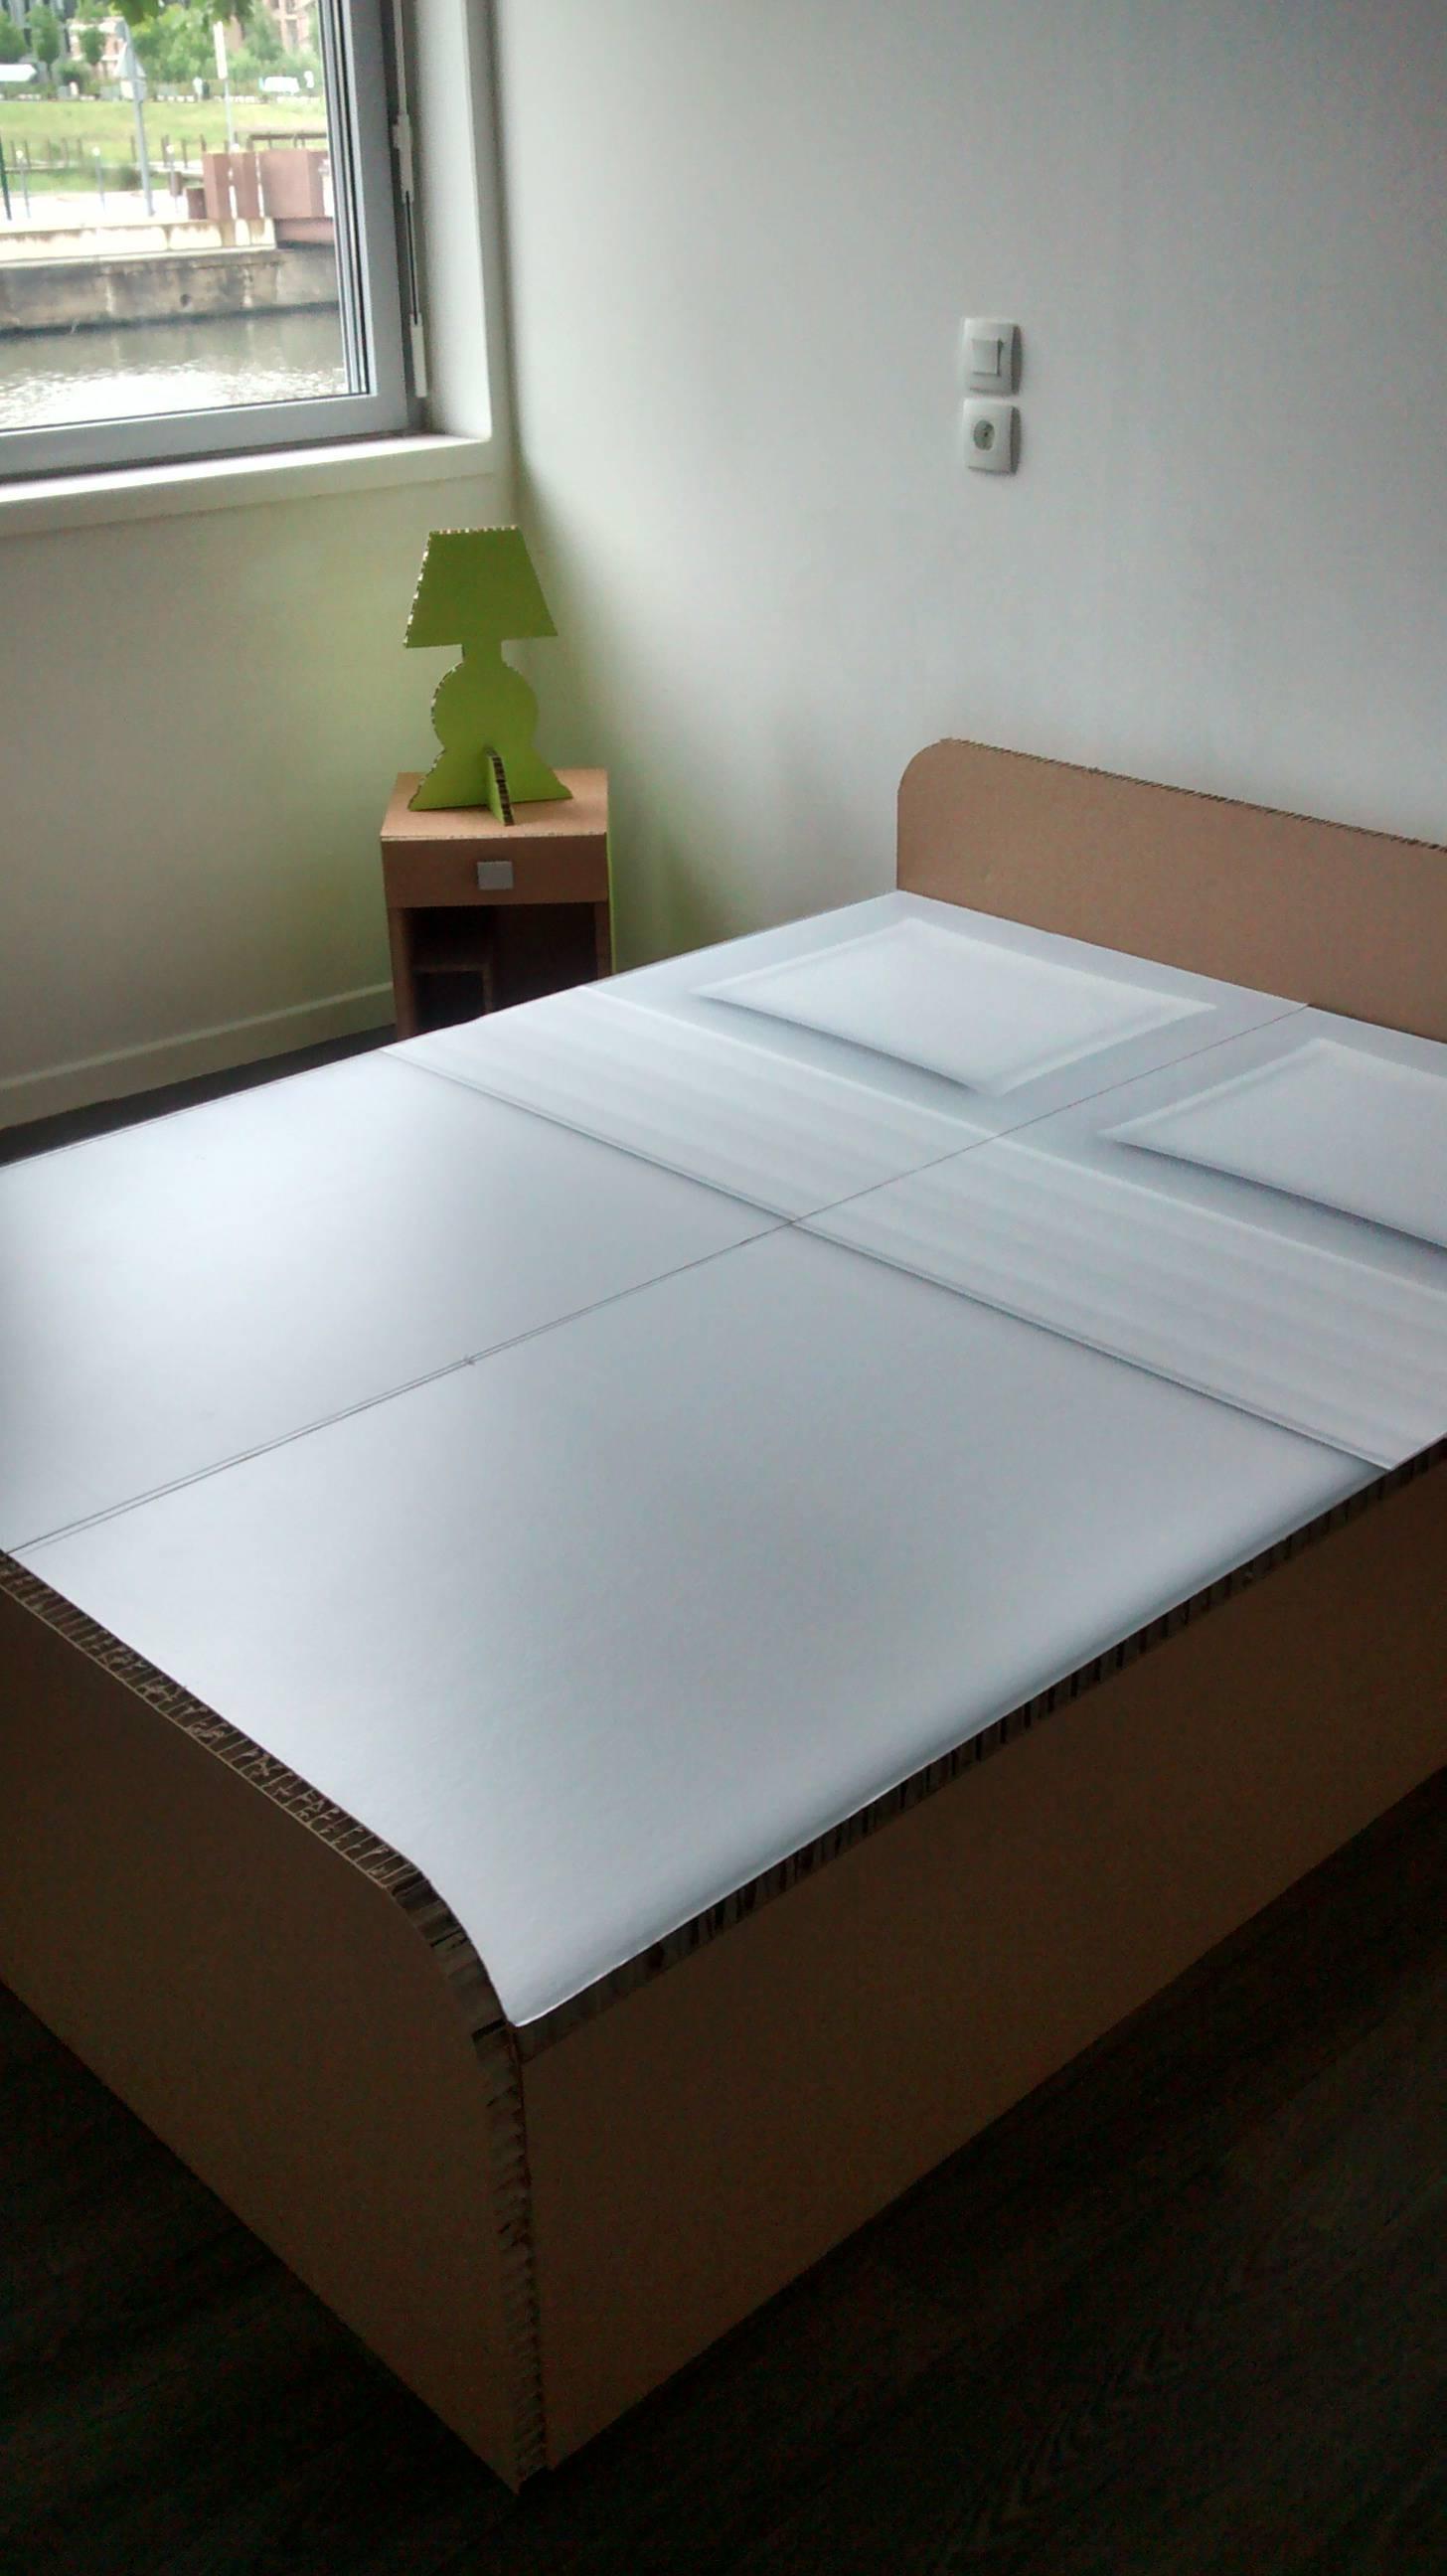 Meubles En Carton Pour Home Staging le catalogue de mobilier en carton, stands en carton - home